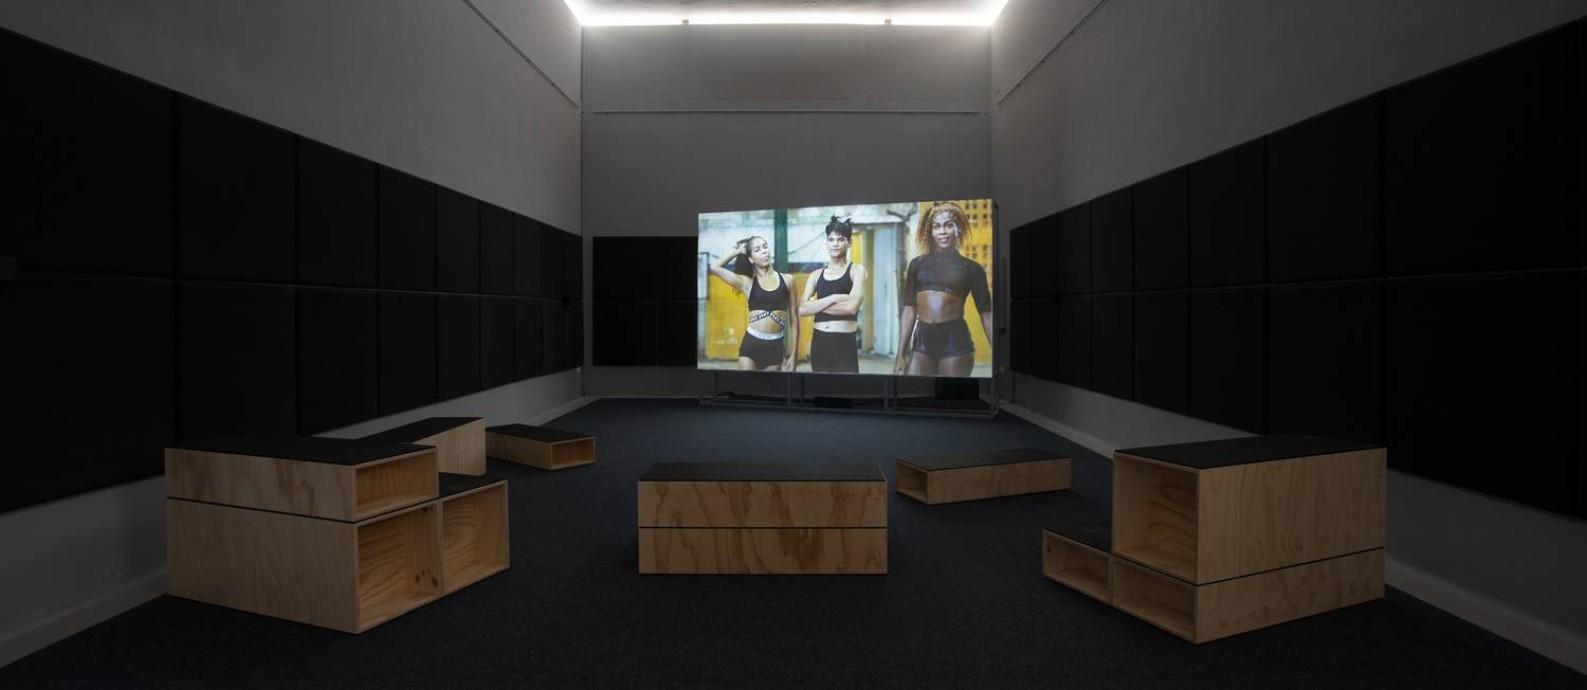 A instalação em vídeo 'Swinguerra', de Bárbara Wagner e Benjamin de Burca, no pavilhão brasileiro Foto: Riccardo Tosetto / Riccardo Tosetto/Divulgação